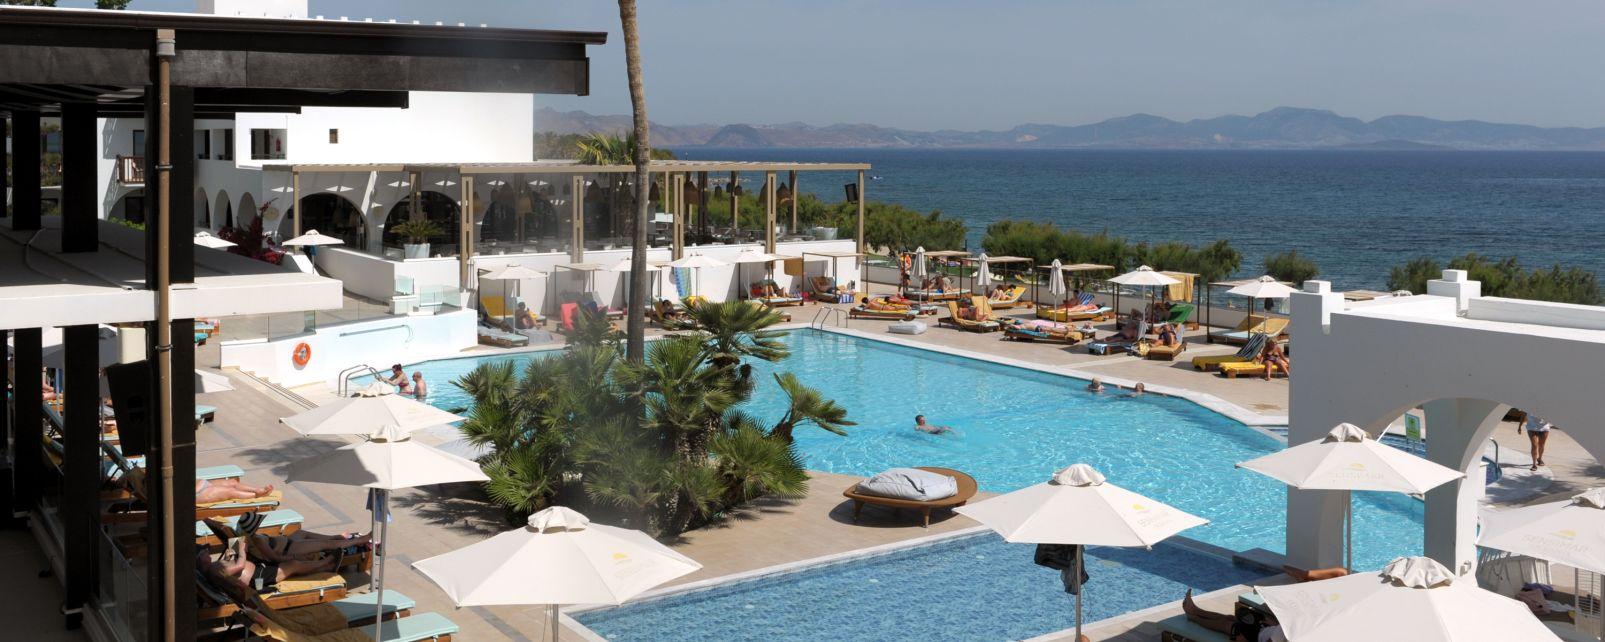 TUI Sensimar Oceanis Beach & Spa Resort